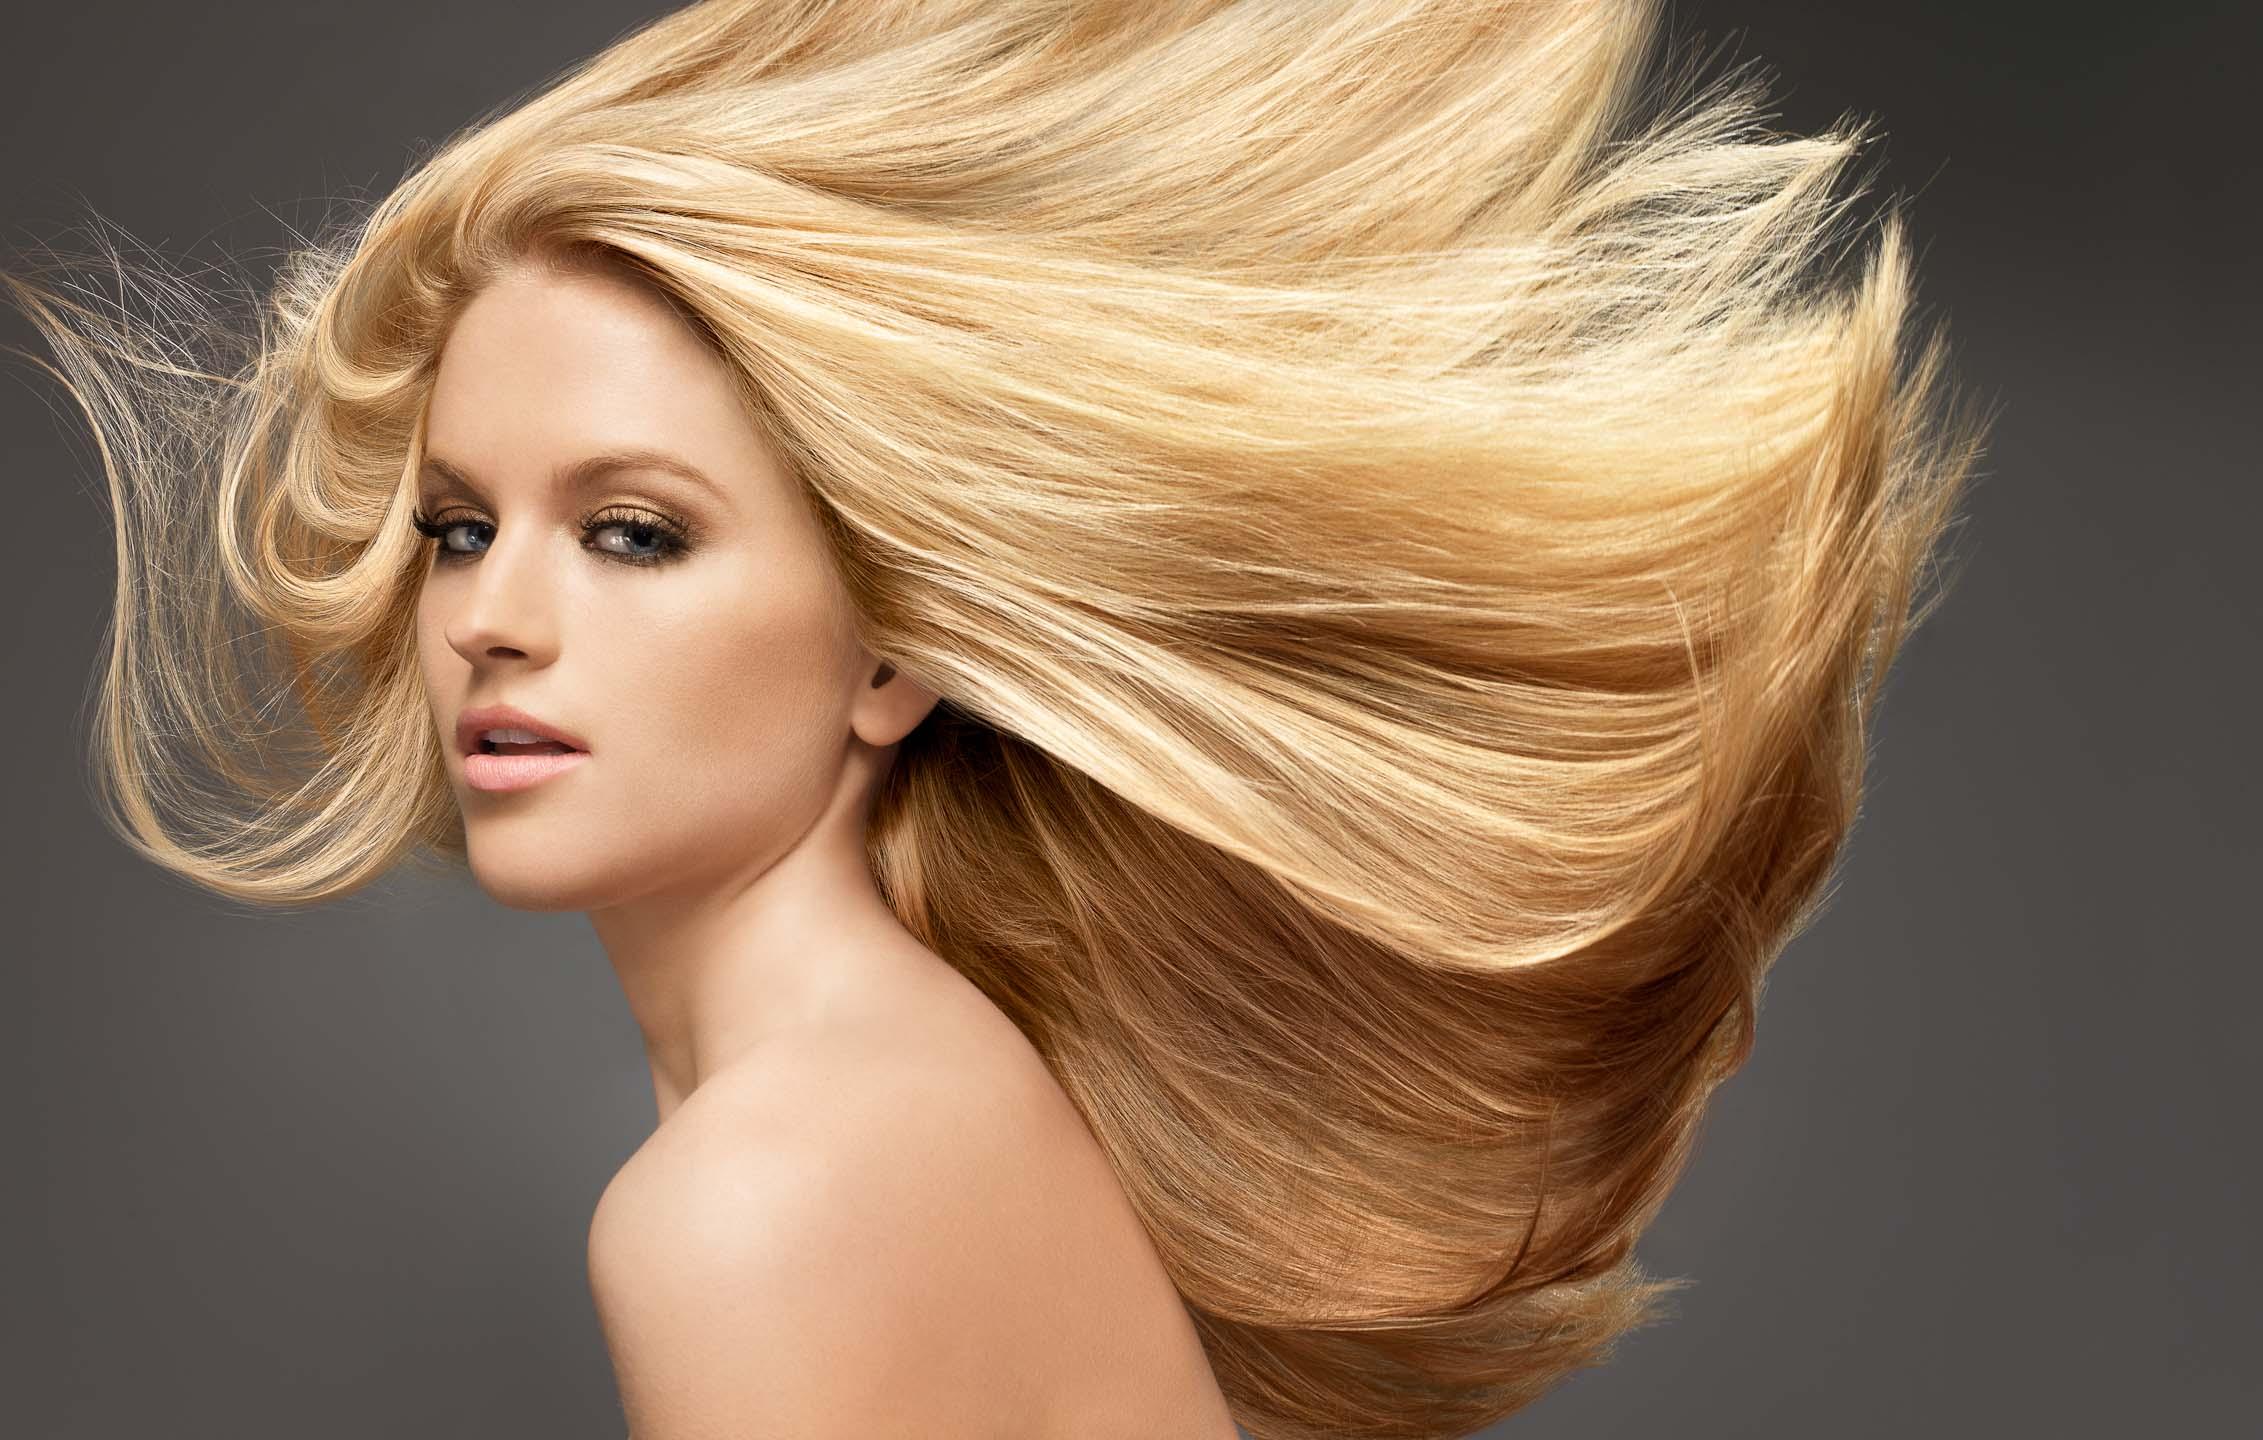 Фото блондинок с красивыми волосами 26 фотография